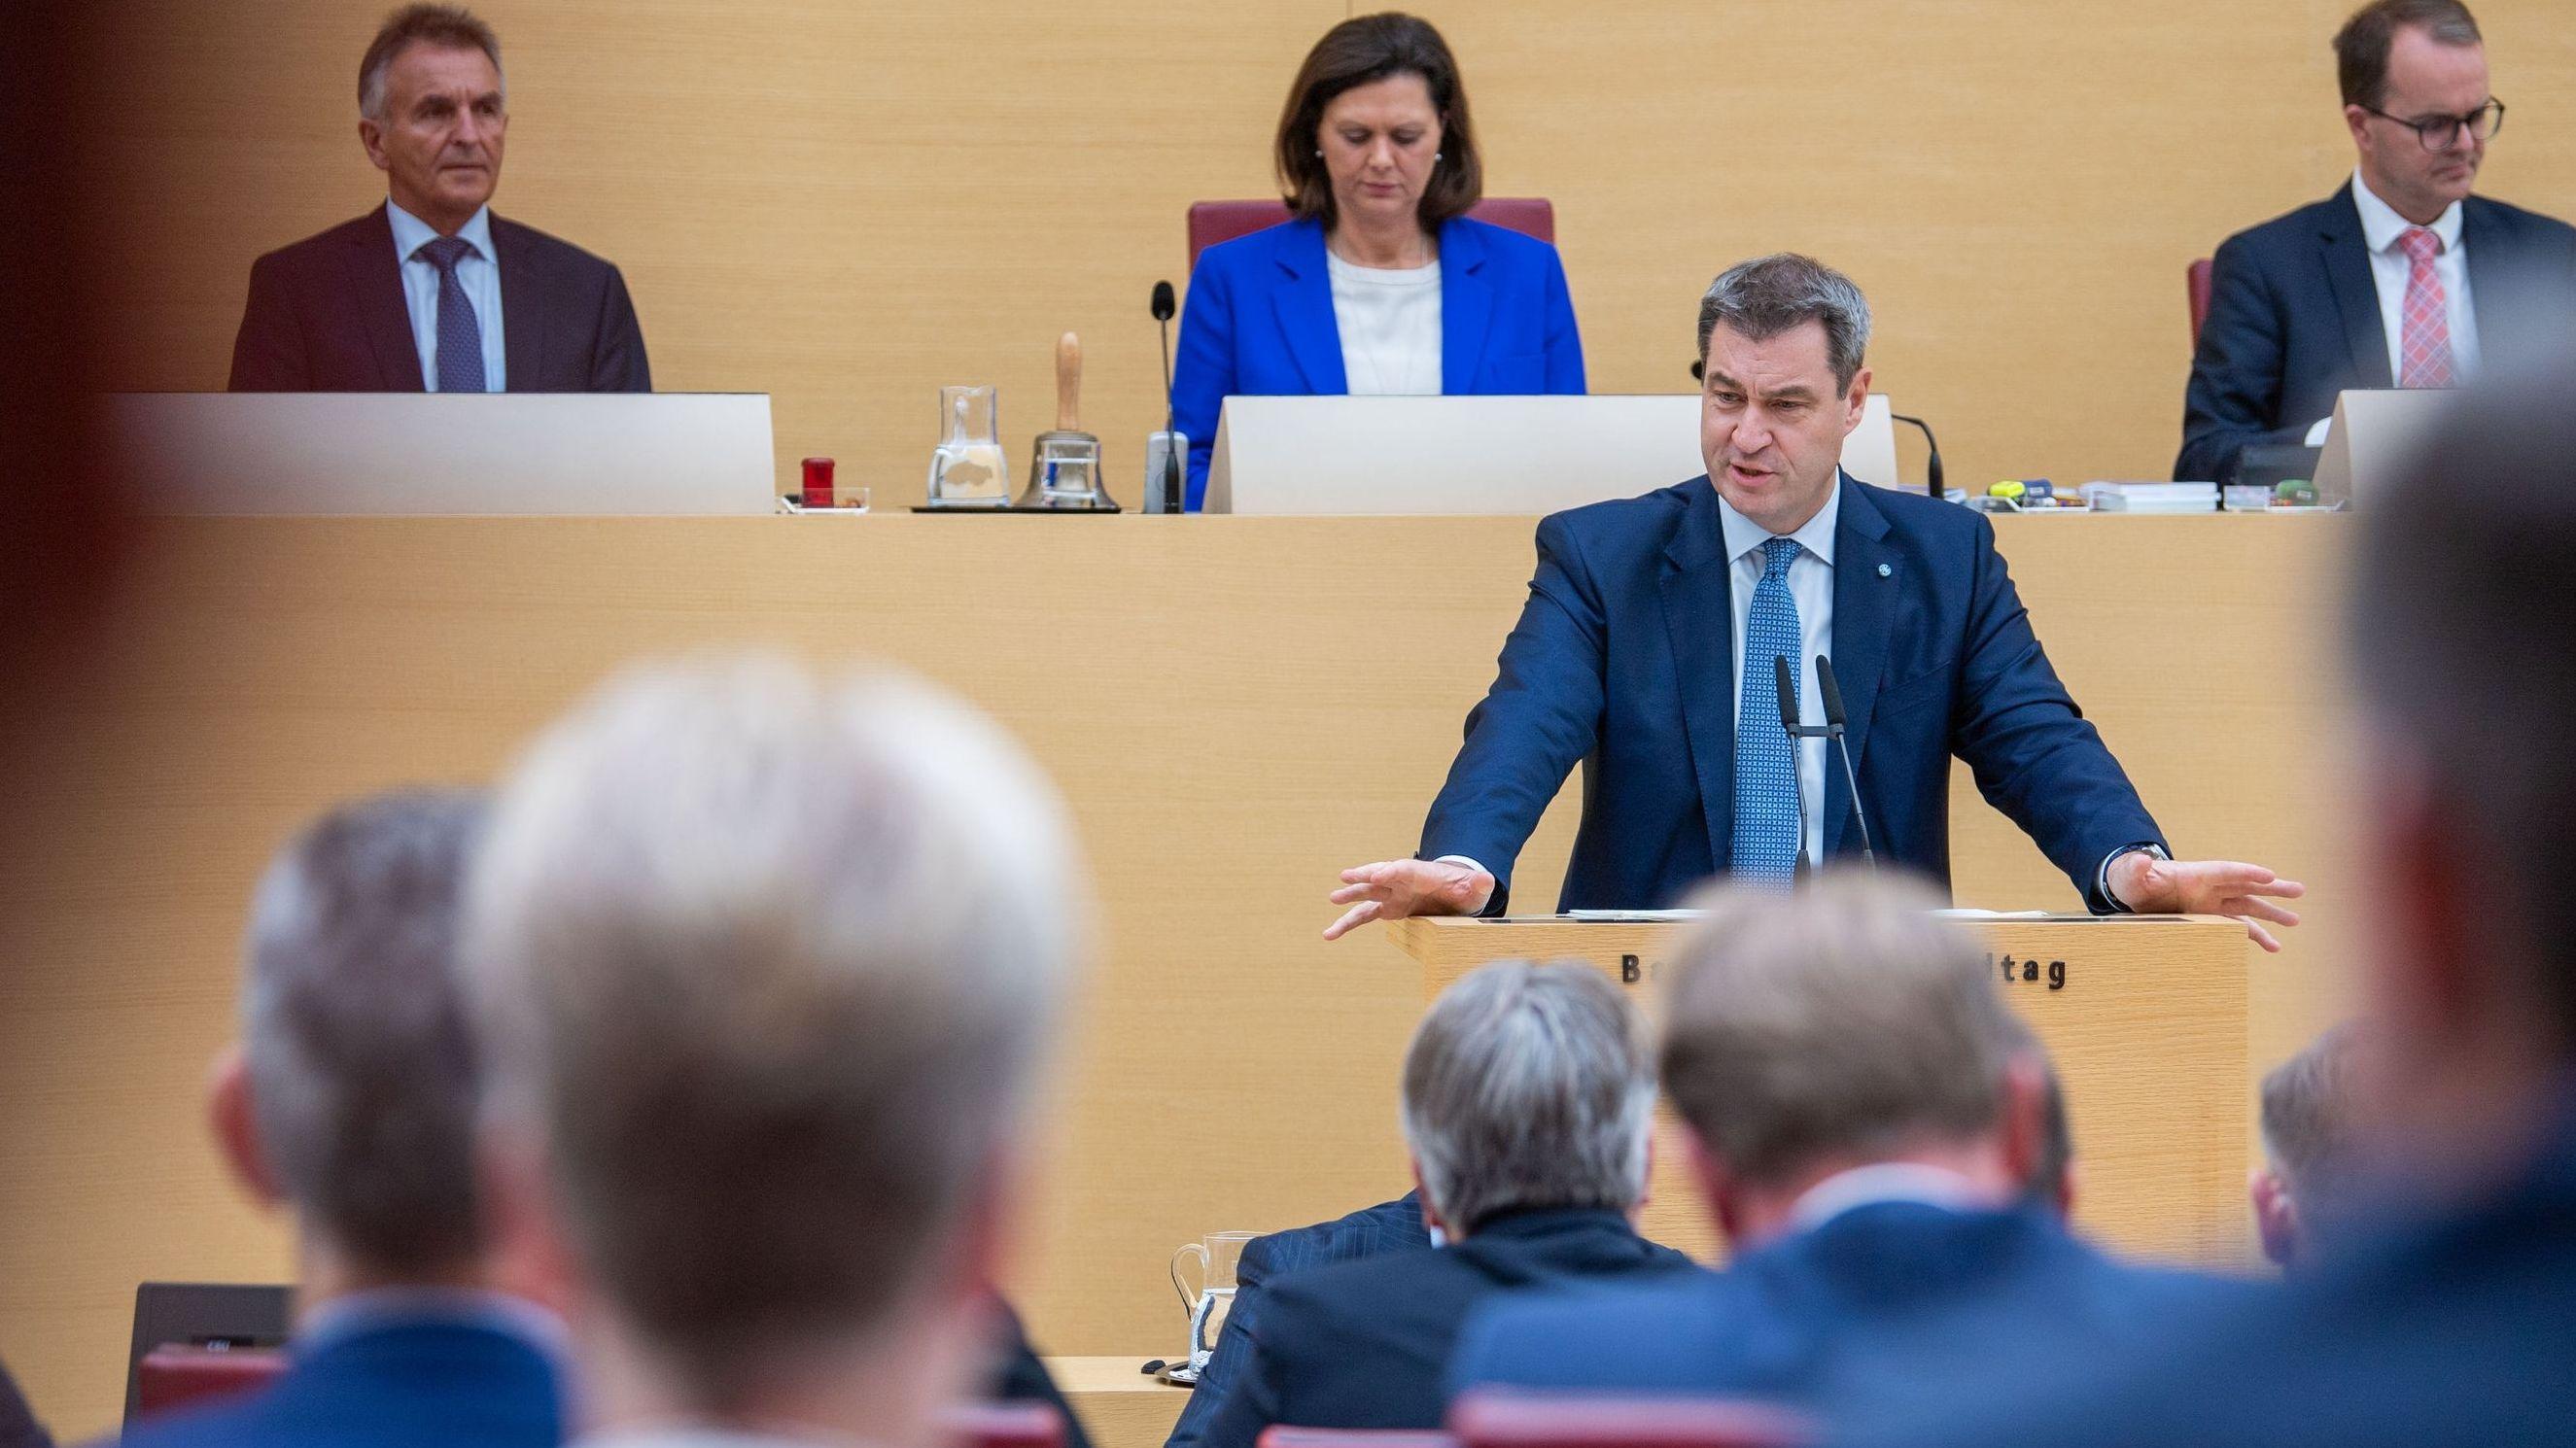 Markus Söder, Ministerpräsident von Bayern, trägt bei der Plenarsitzung im bayerischen Landtag die Regierungserklärung vor.